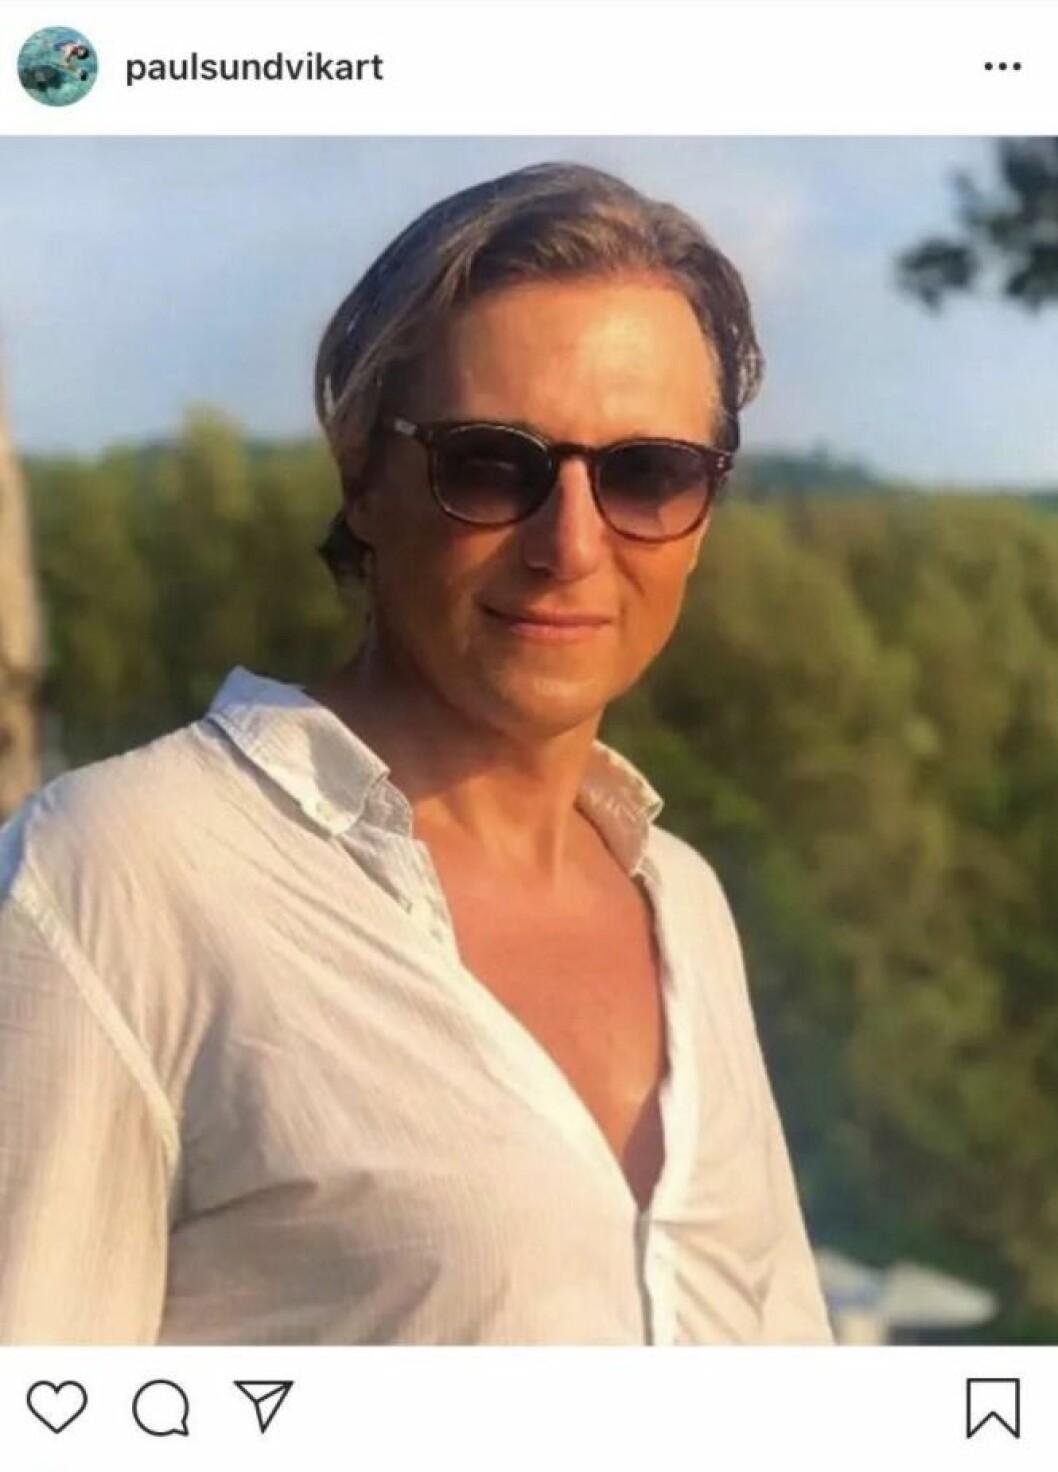 Paul Sundvik